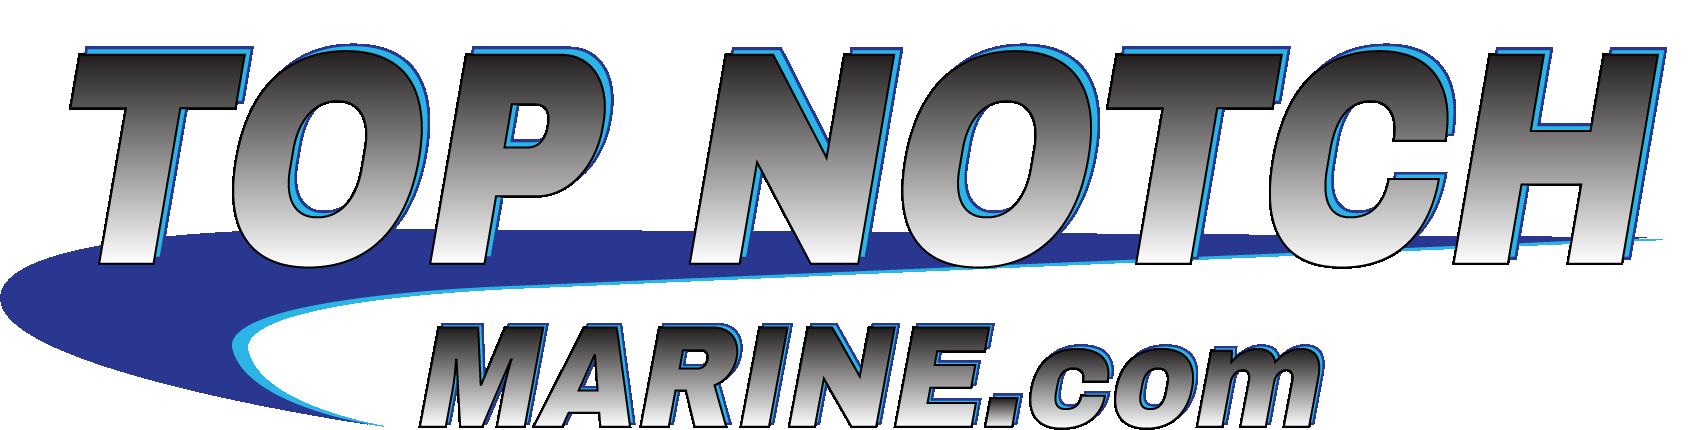 topnotchmarine.com logo